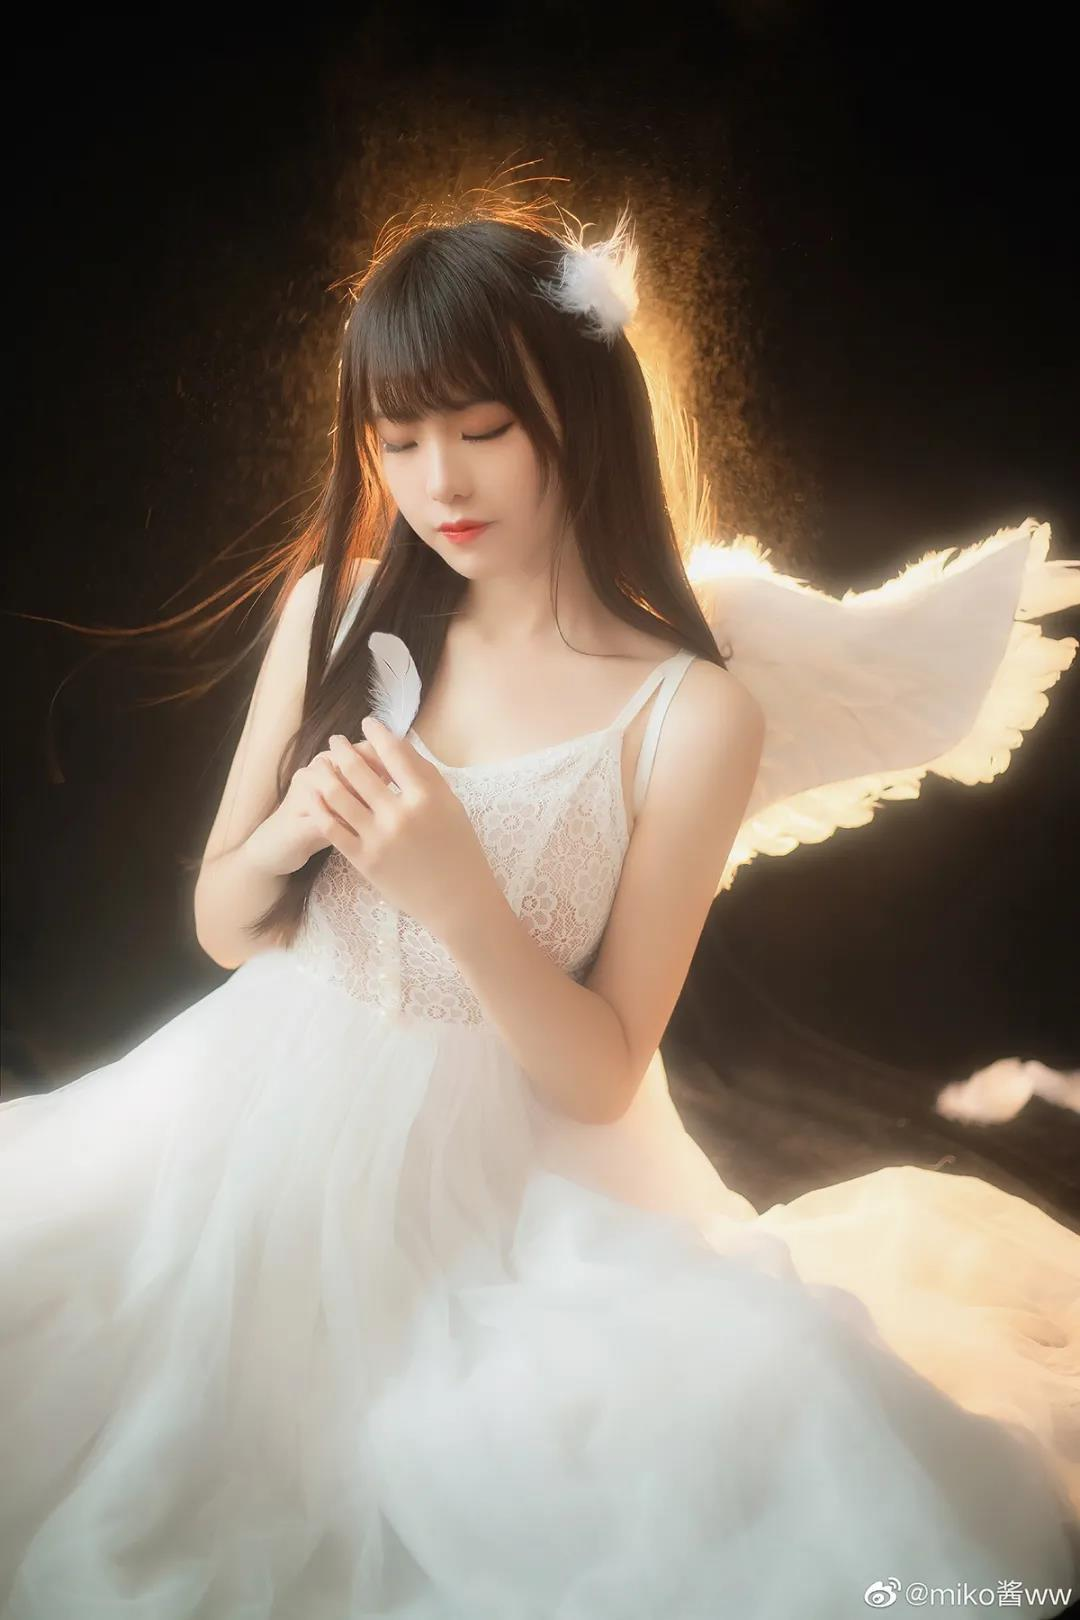 漂亮女孩系列,miko酱ww天使写真